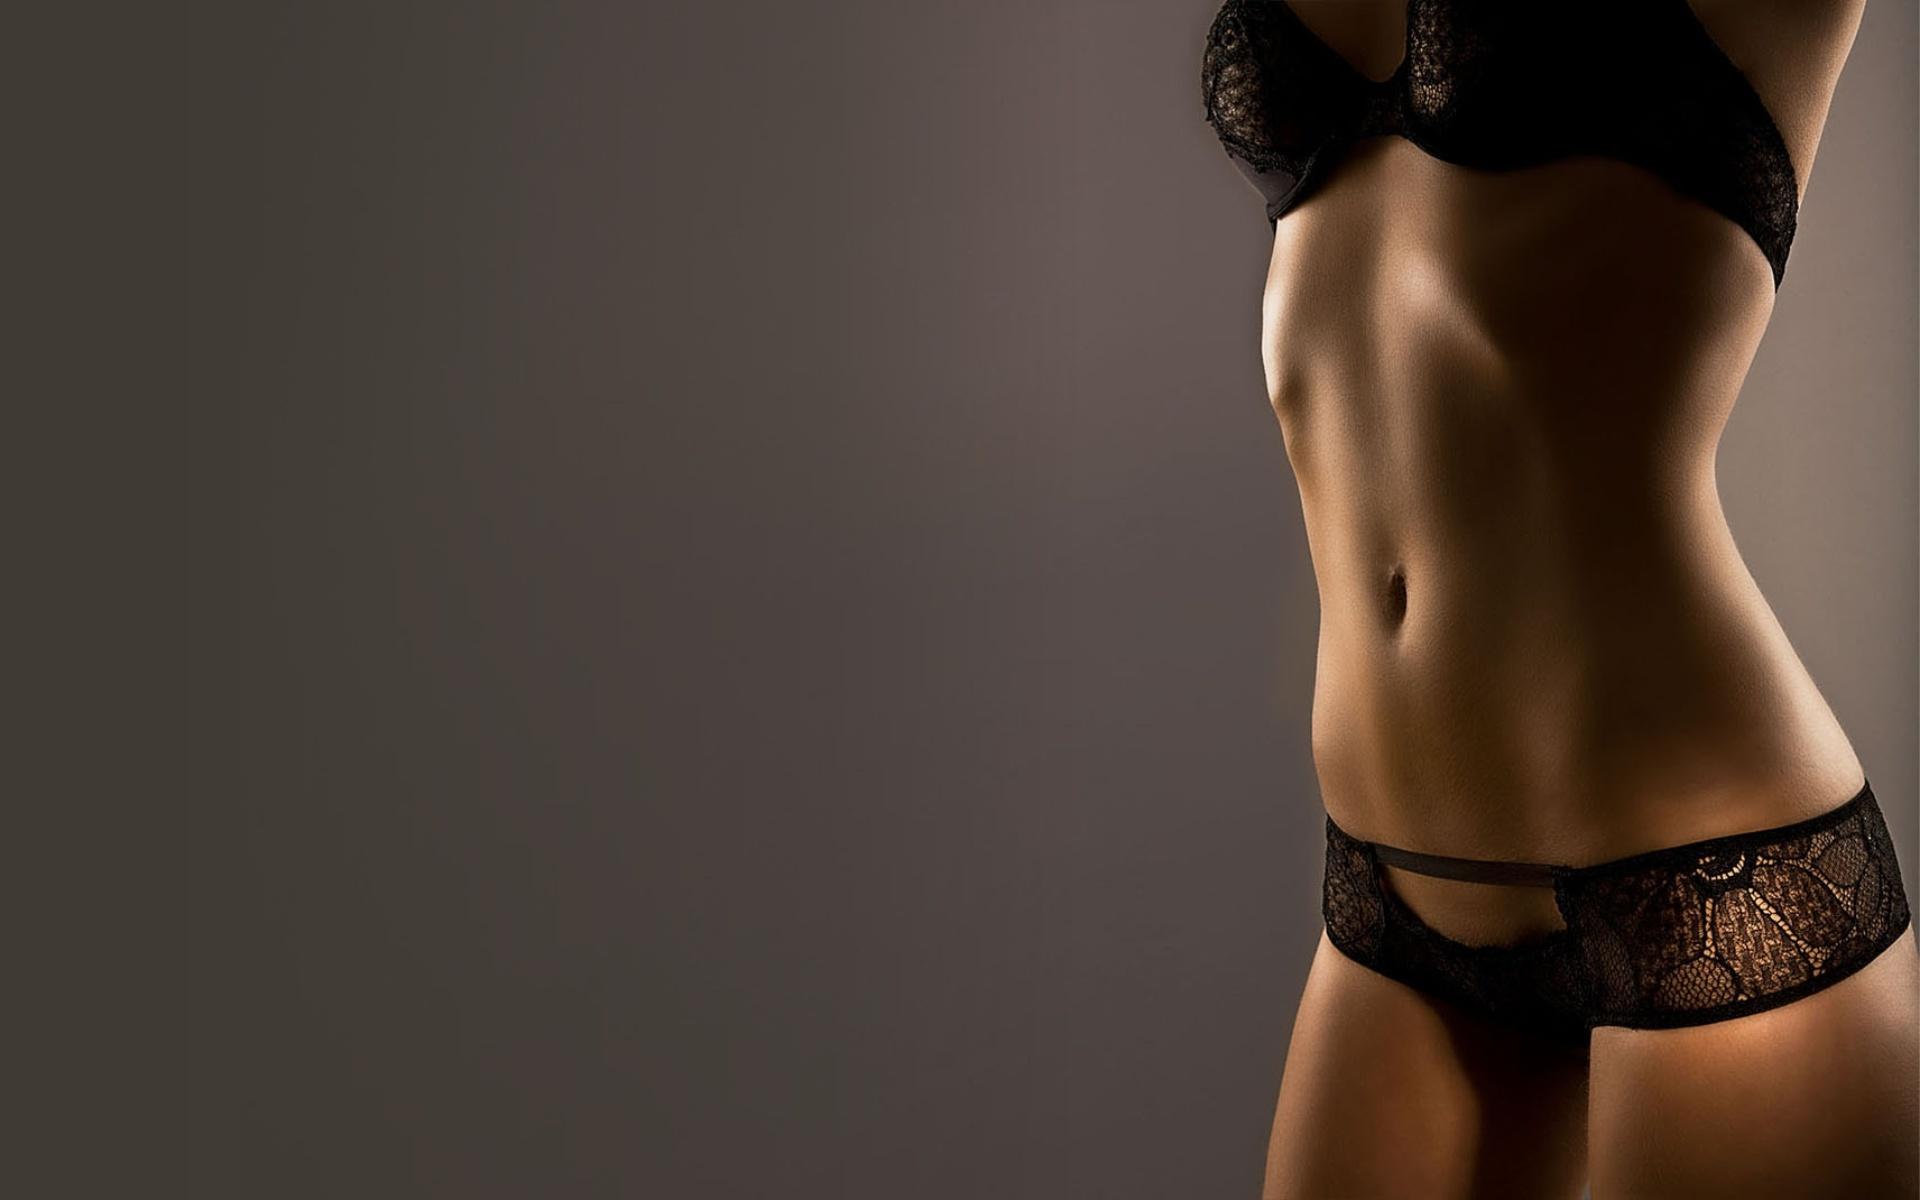 фото частей тела красивых девушек мазохиста